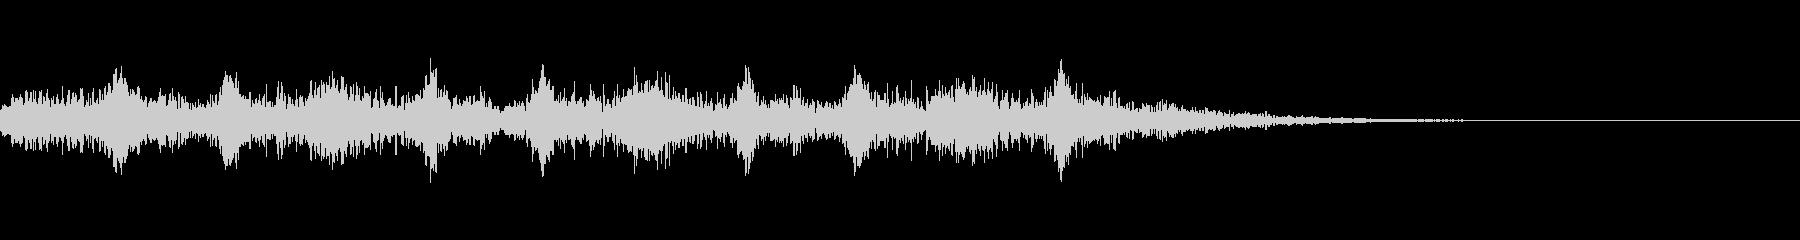 耳鳴り、気配、テレパシーA03の未再生の波形